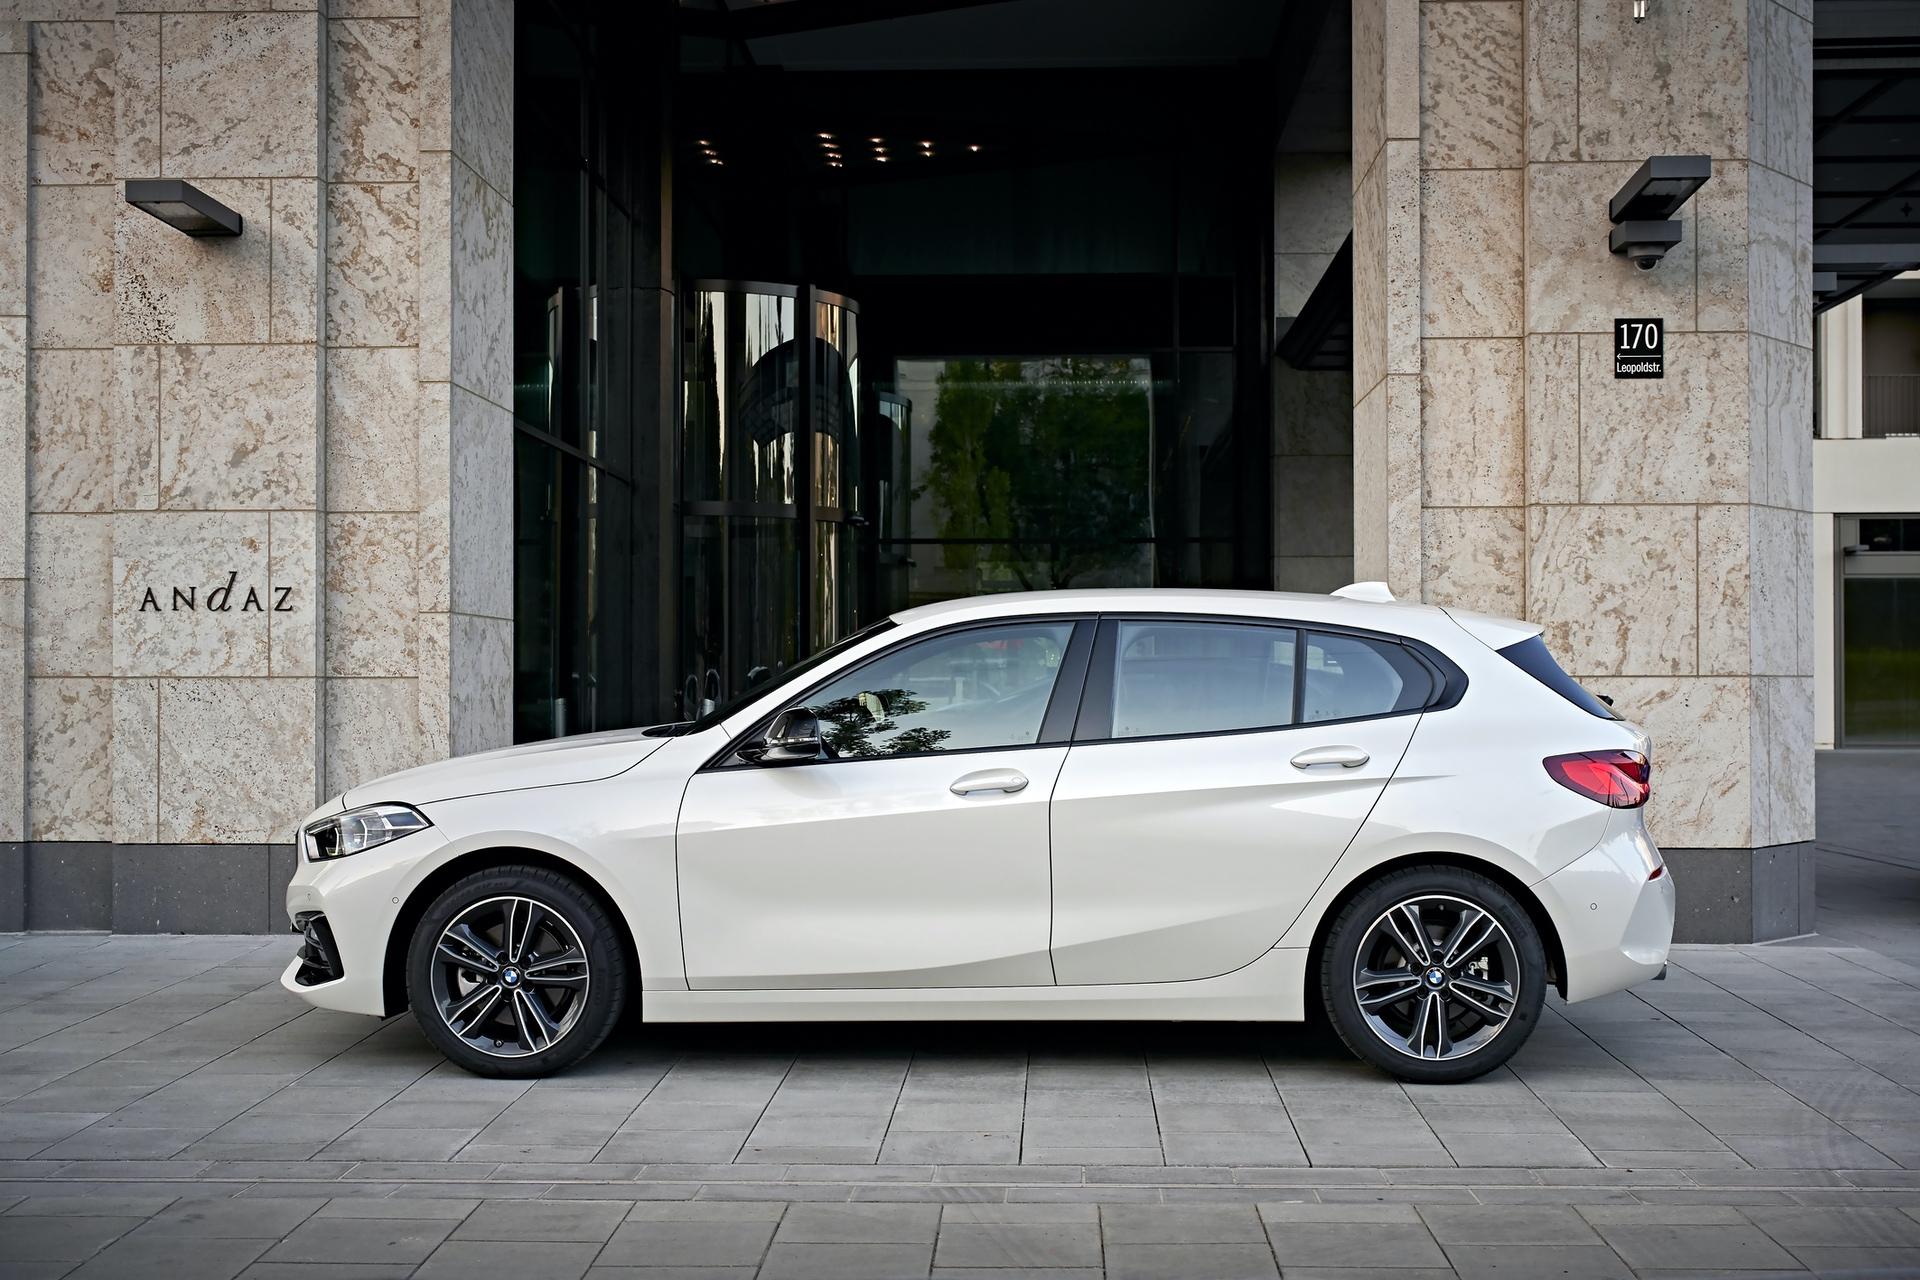 2019 BMW 118d xDrive test drive 38